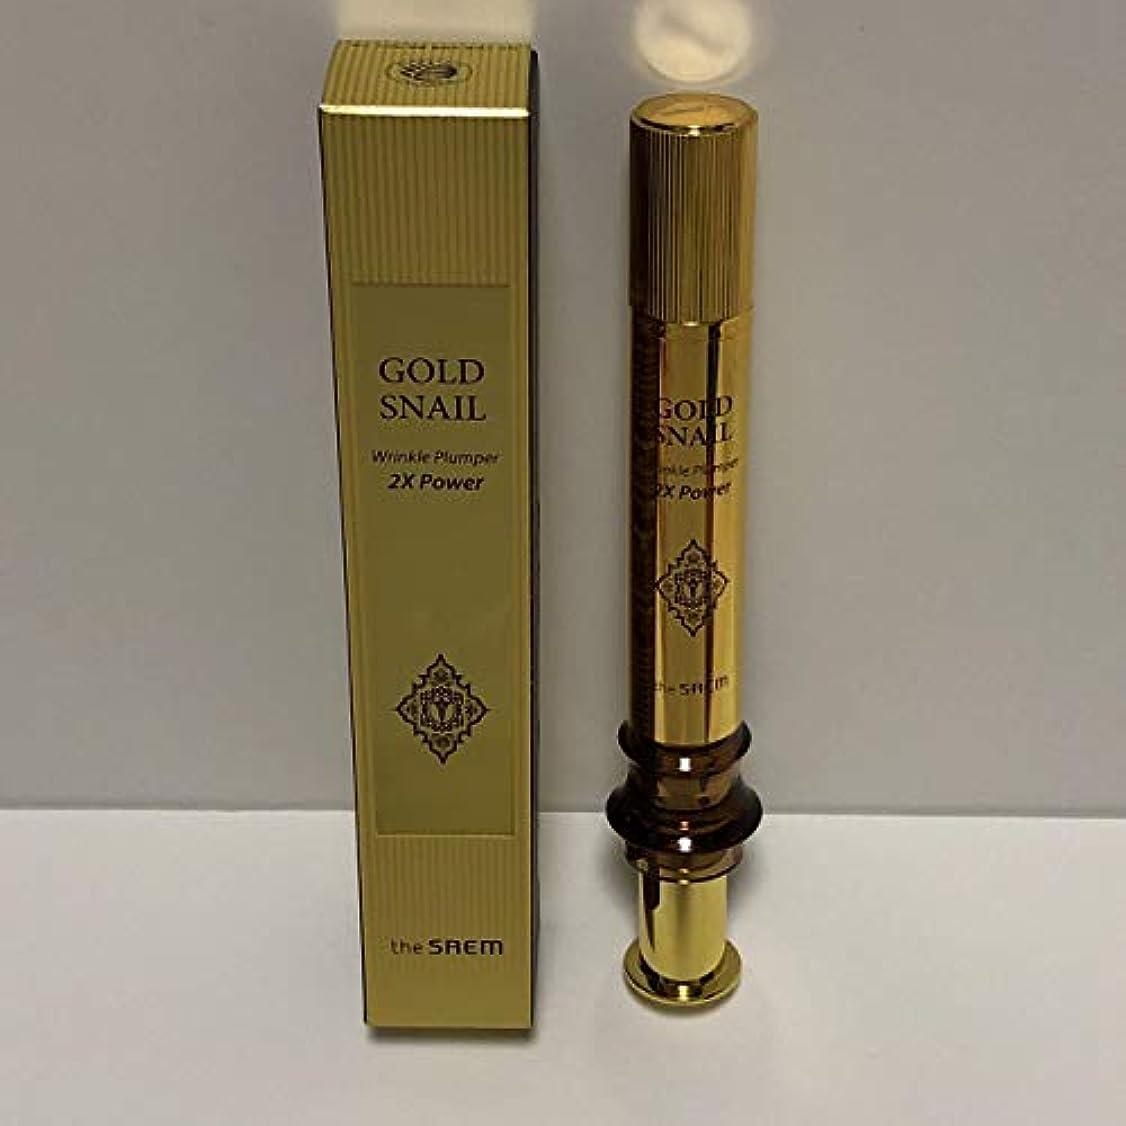 居眠りする錫ブリッジThe Saem Gold Snail Wrinkle Plumper 2X Power 12ml / ザセム ゴールド カタツムリ リンクル プルーパー2Xパワー [並行輸入品]